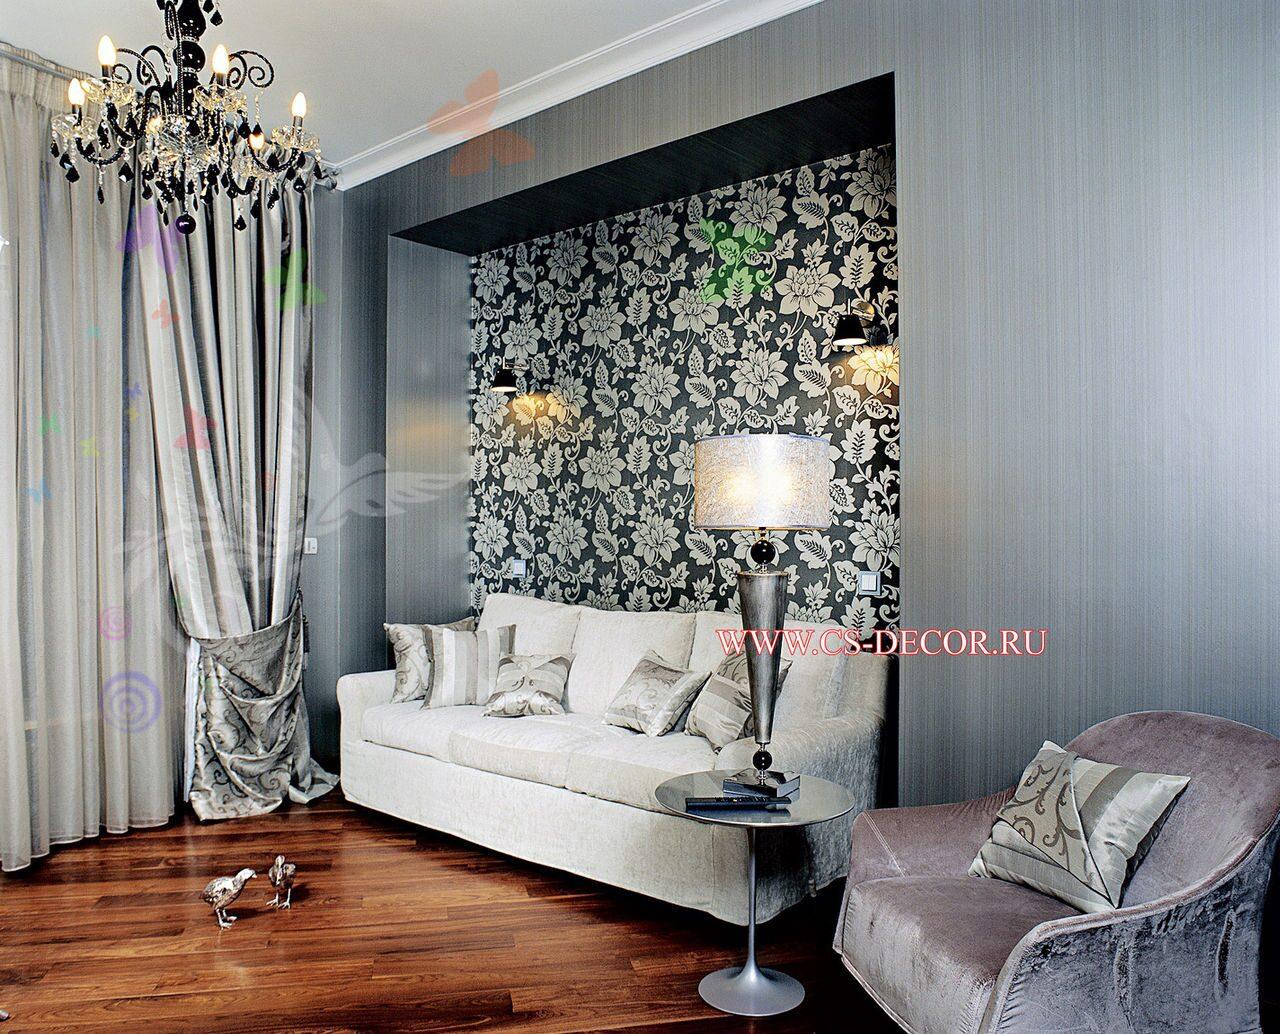 Дизайн зала в серебристых тонах